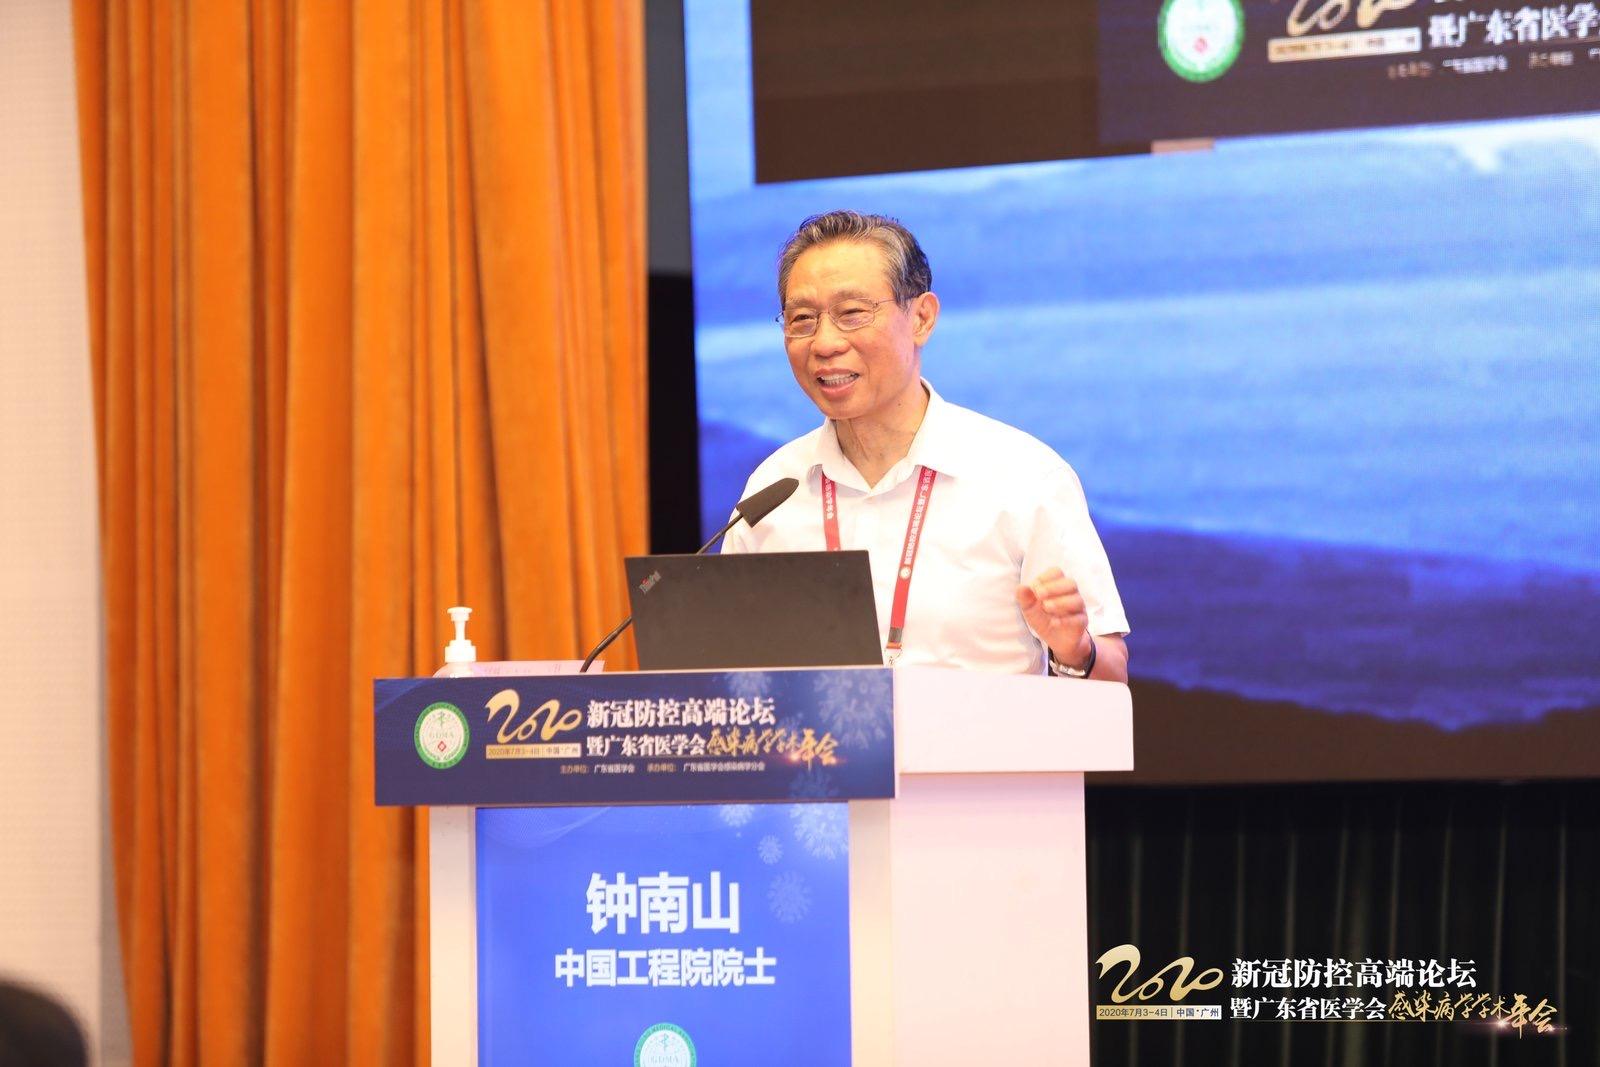 钟南山出席新冠防控高端论坛:群体免疫是攻克新冠的关键